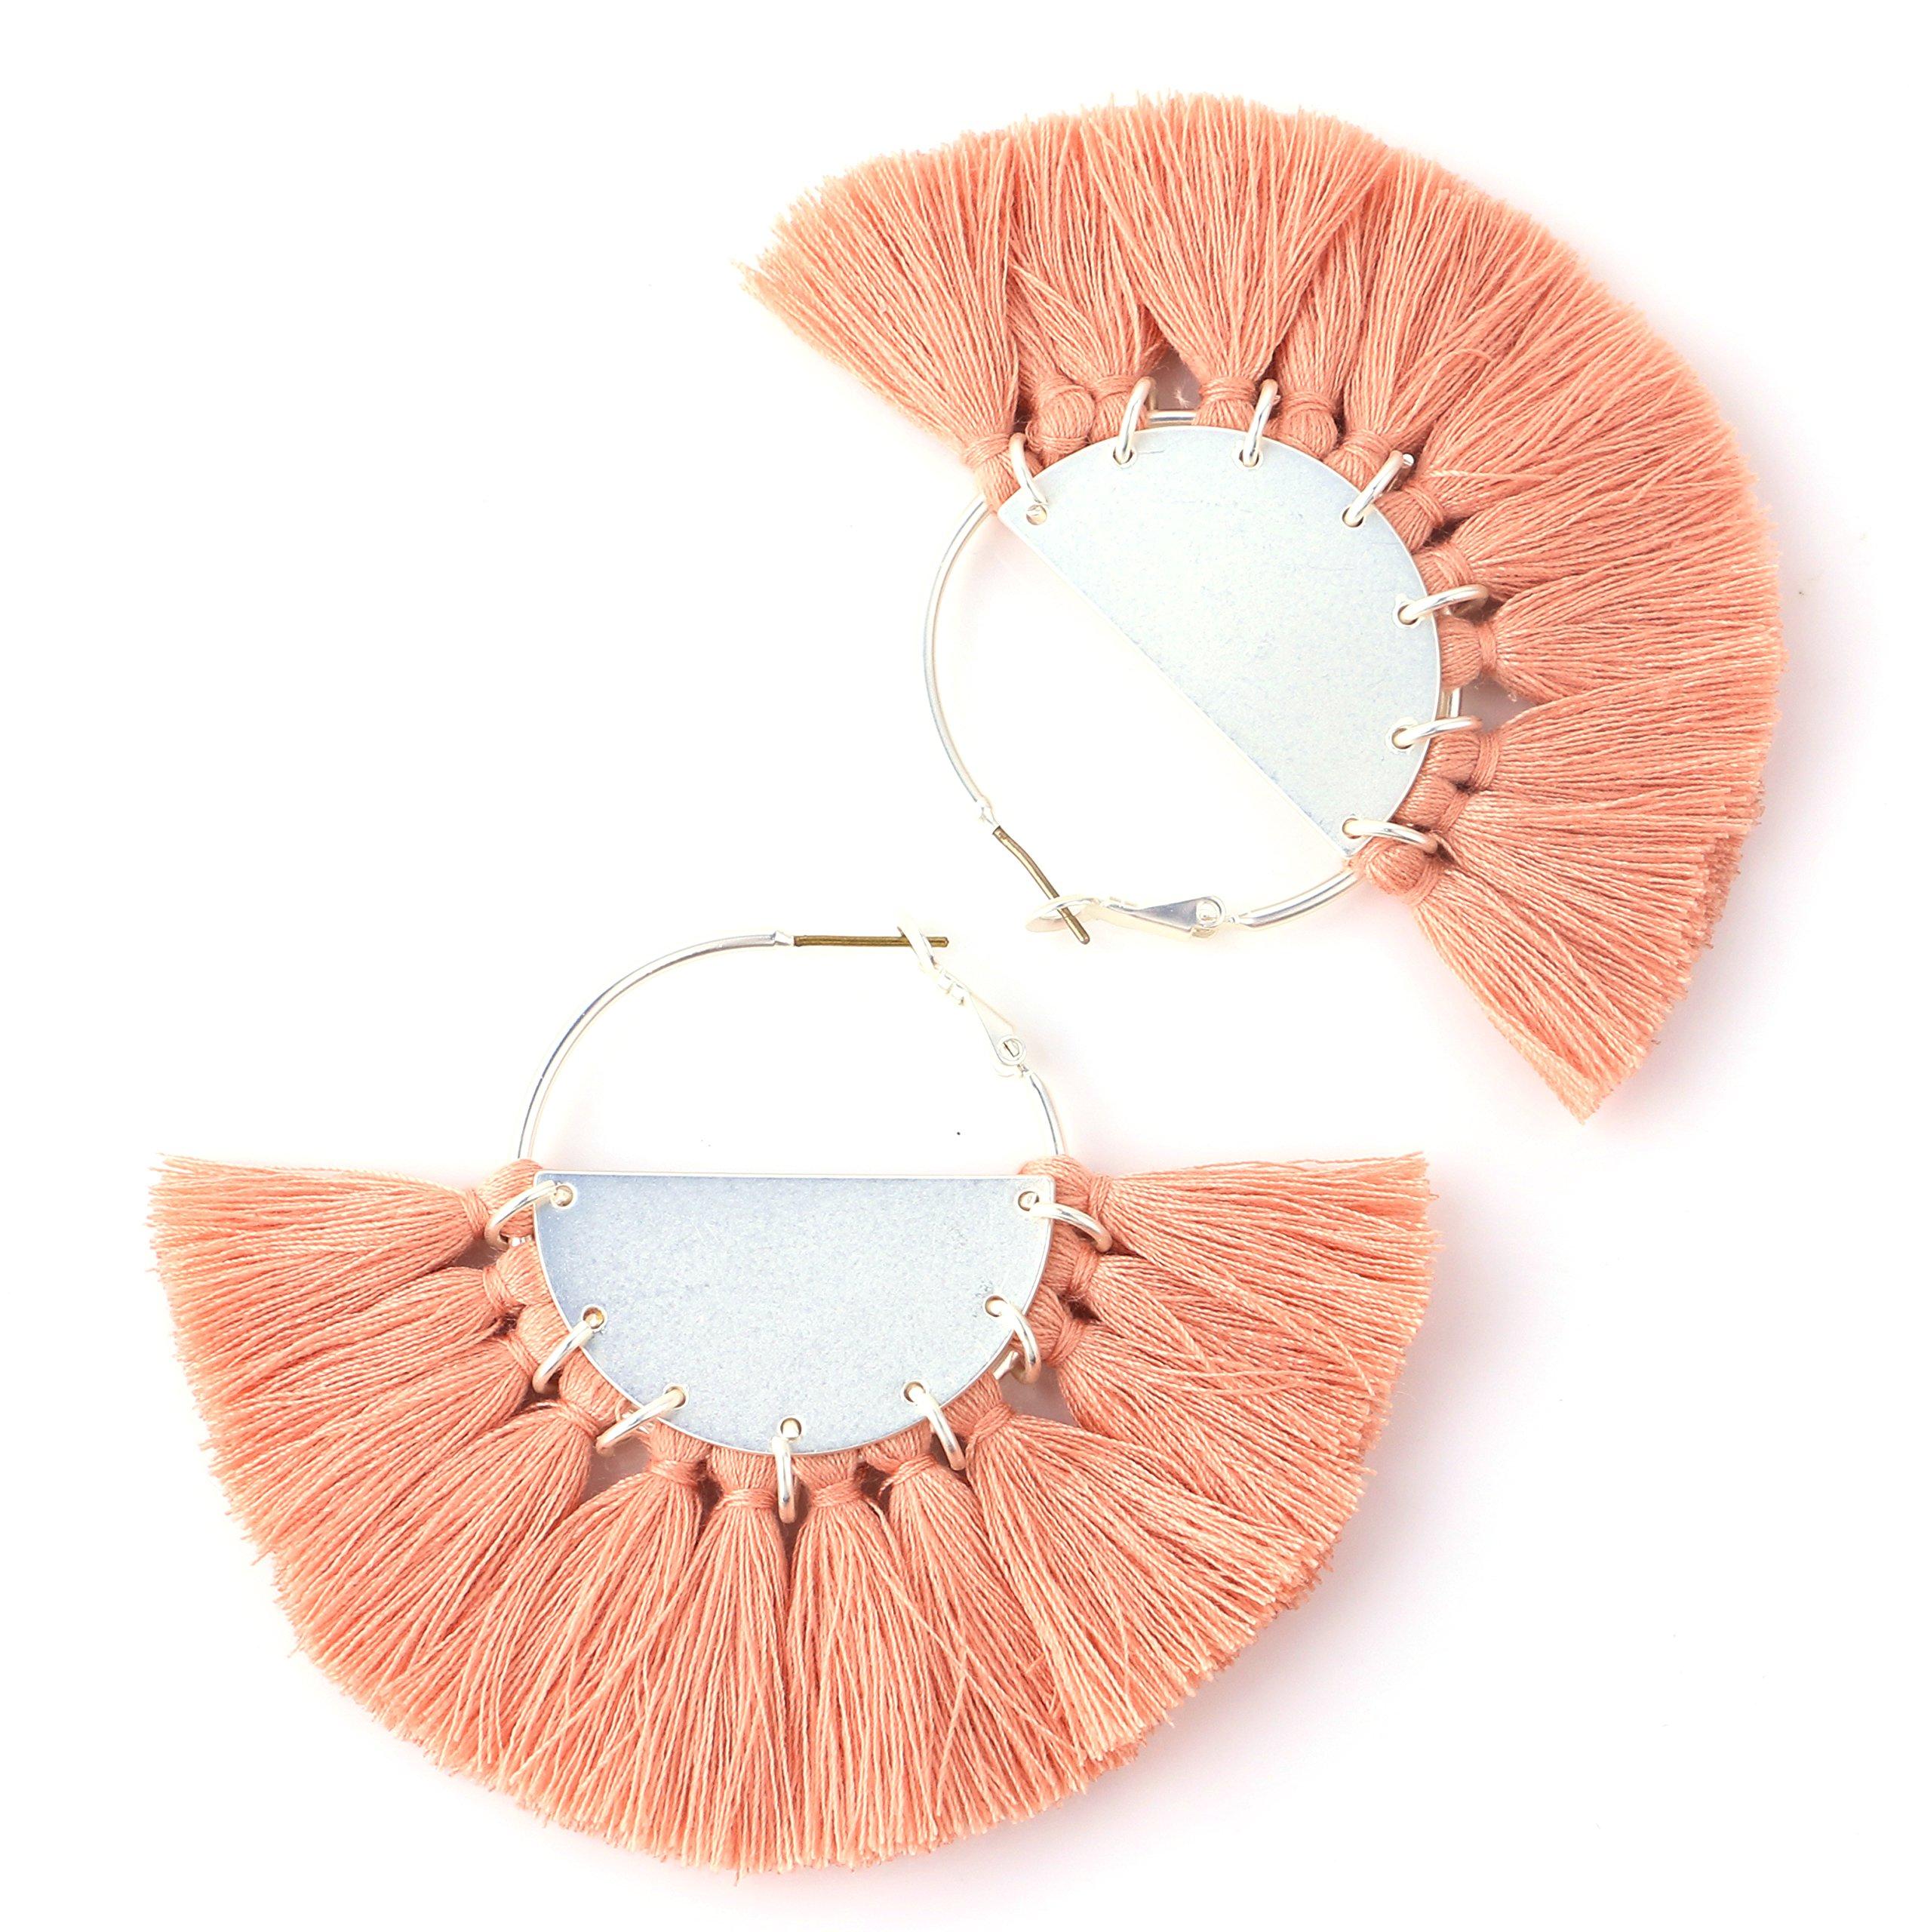 Badu Tassel Earrings Silver Hoop Round Jewelry Summer Beach Pink Tassels Jewelry Holiday (Coral Pink)